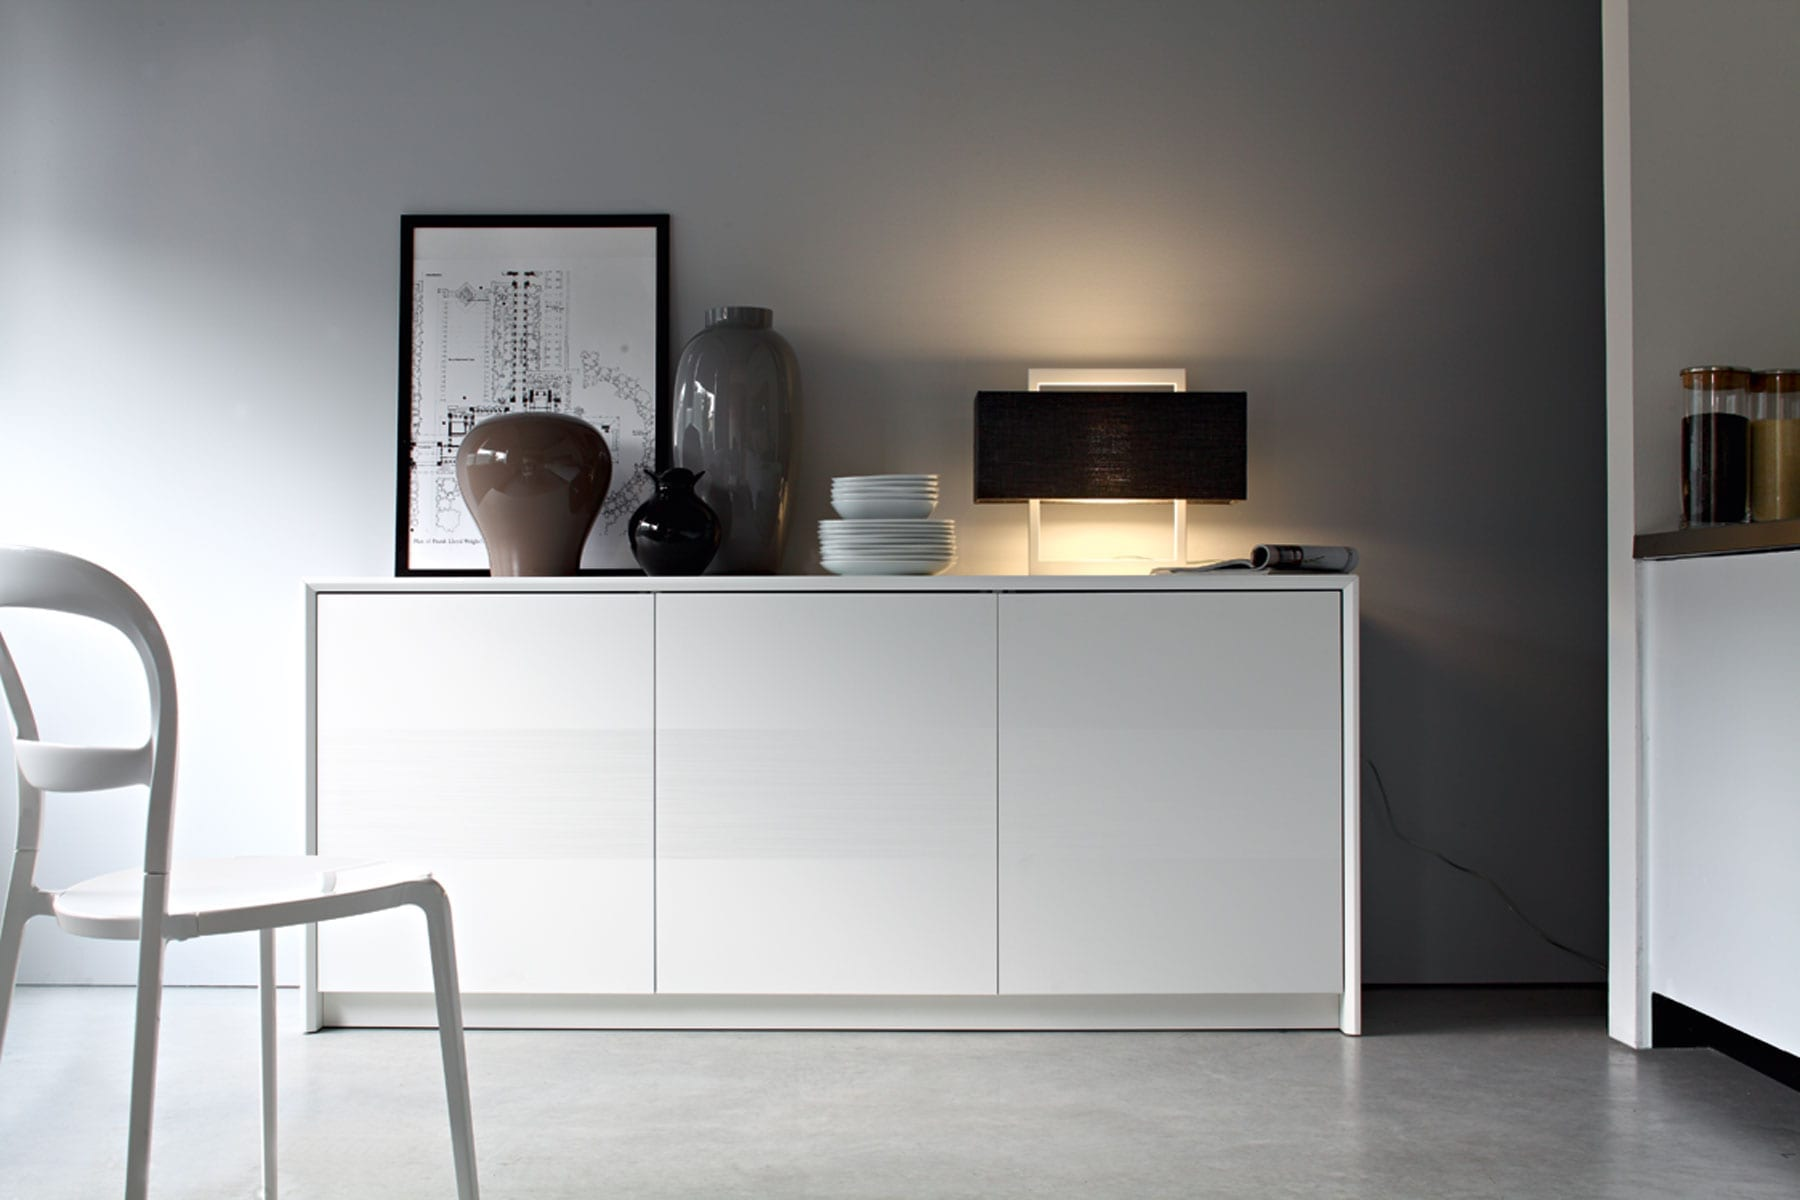 Madia Ikea Prezzi - Modelos De Casas - Justrigs.com